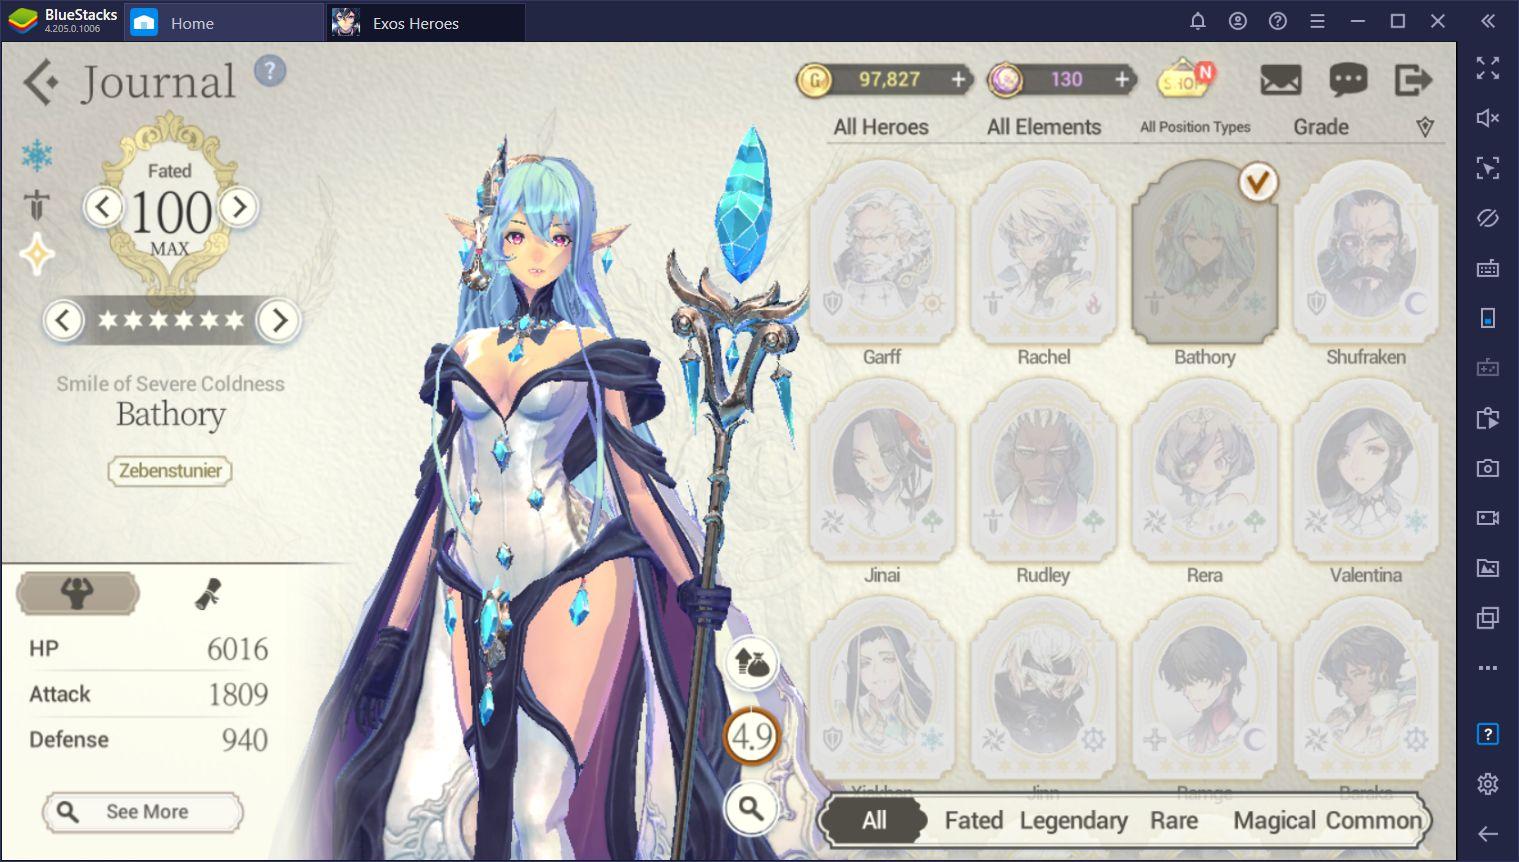 Exos Heroes Account Fate Core Bathory